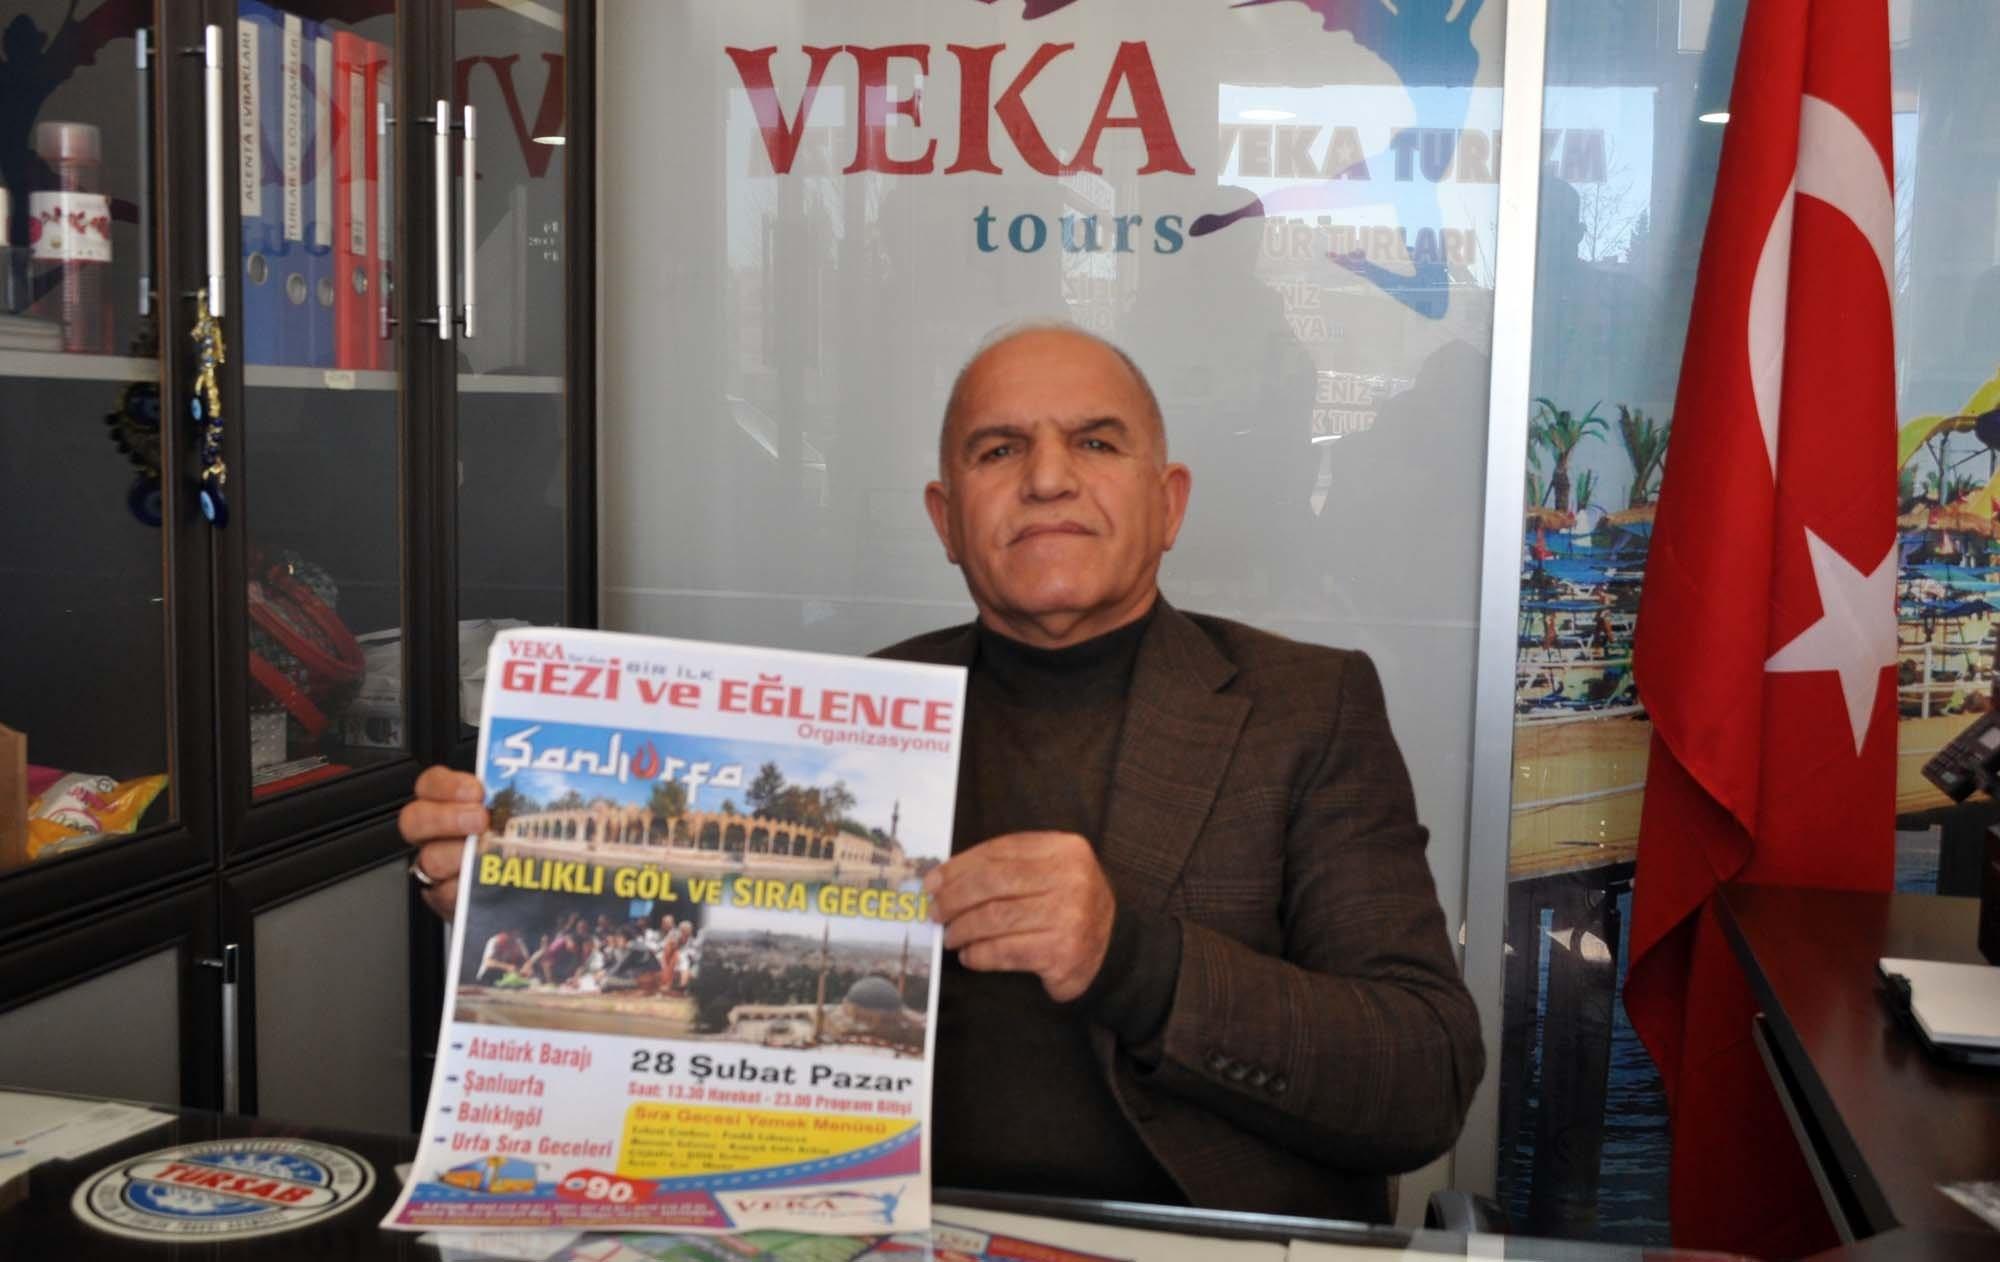 Turizm ve Seyahat Acentaları İstanbul TÜYAP fuarında Adıyaman'ı Tanıtacak